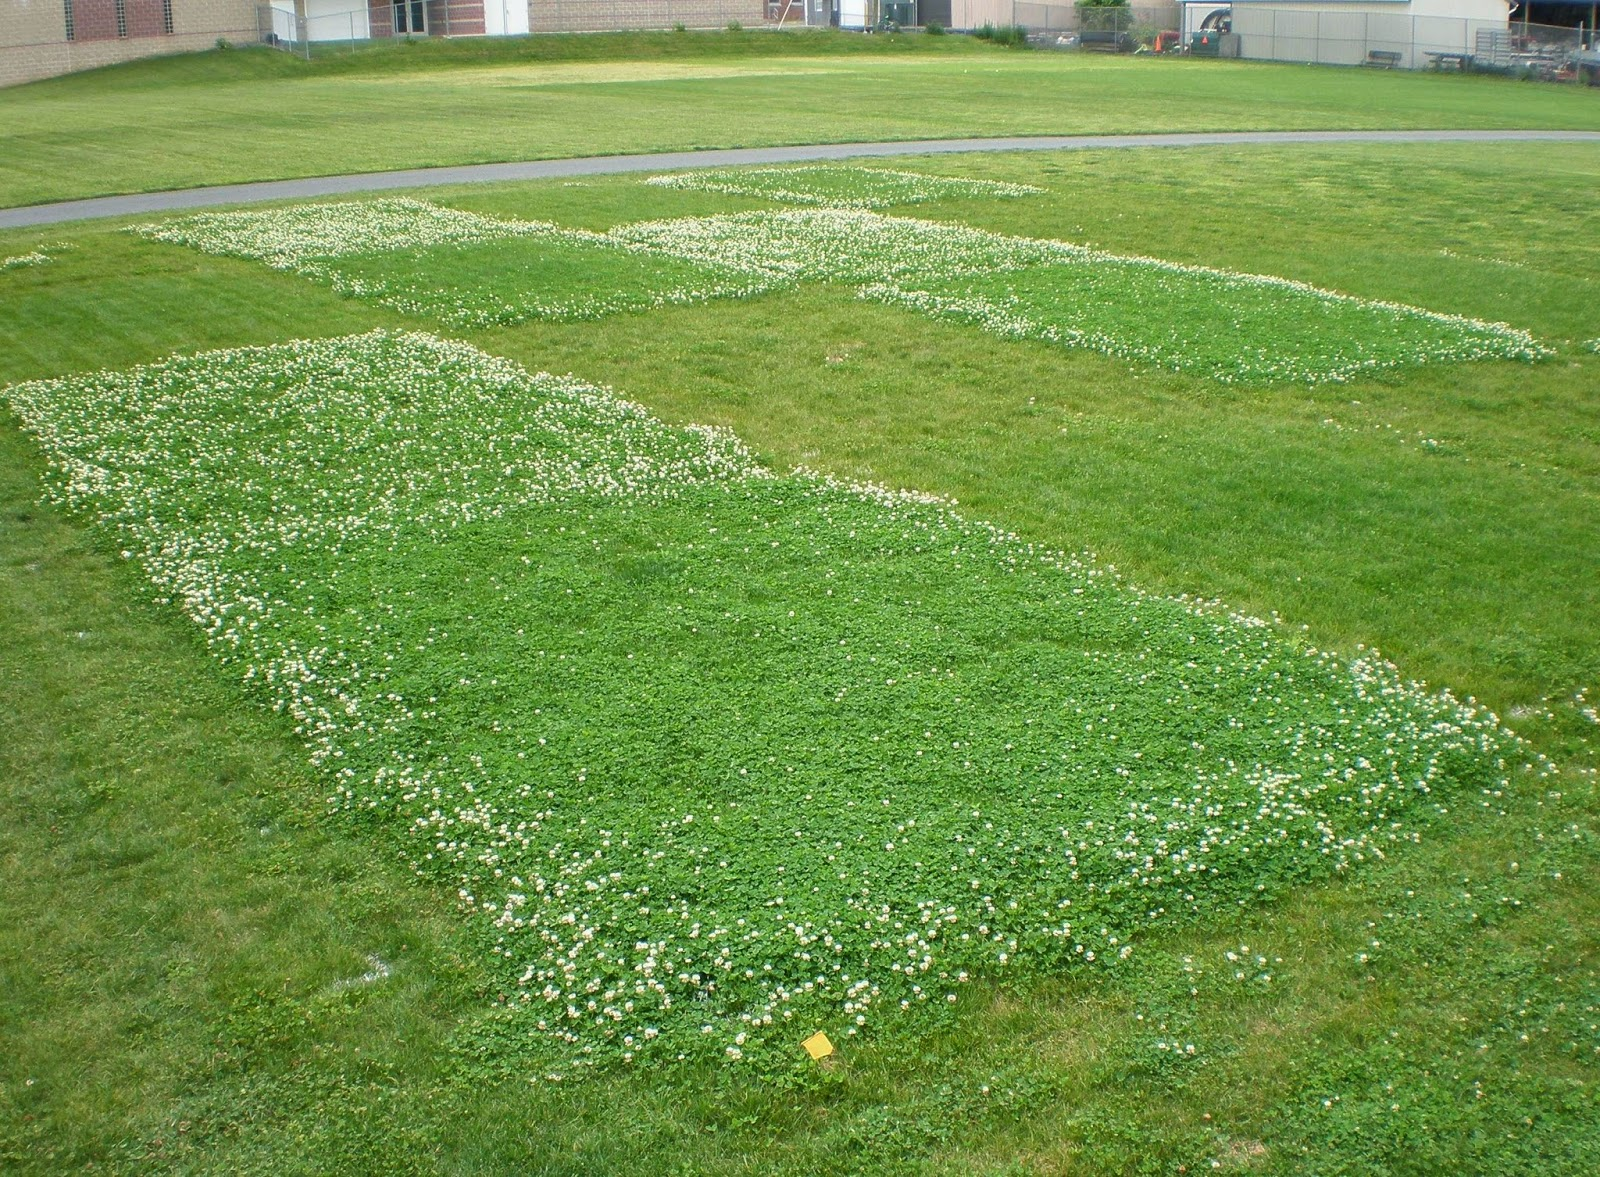 Клеверный газон: выбор сорта, когда сеять 99